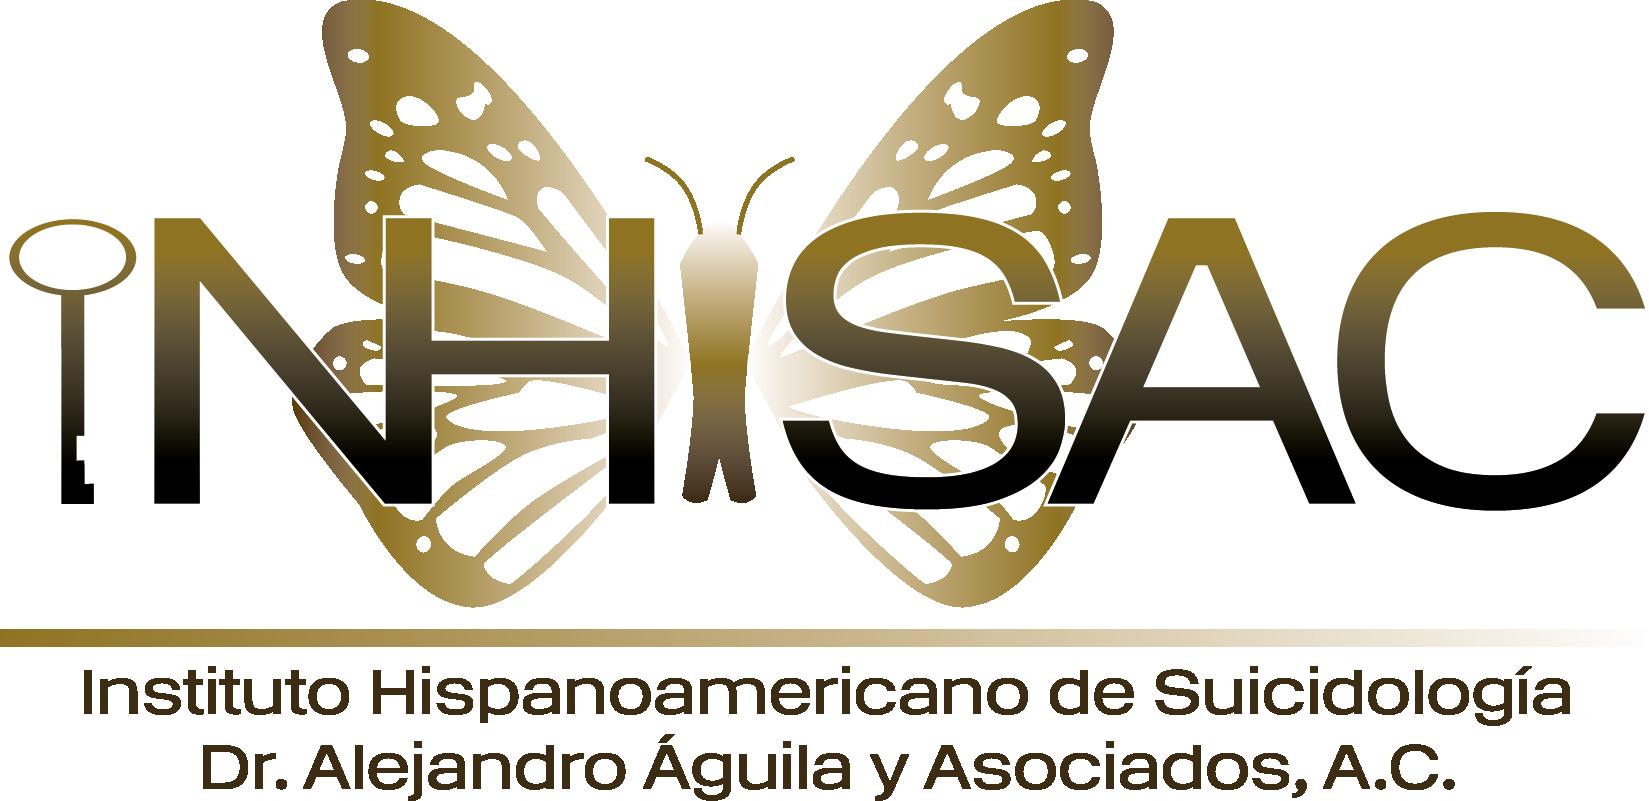 Instituto Hispanoamericano de Suicidologia INHISAC